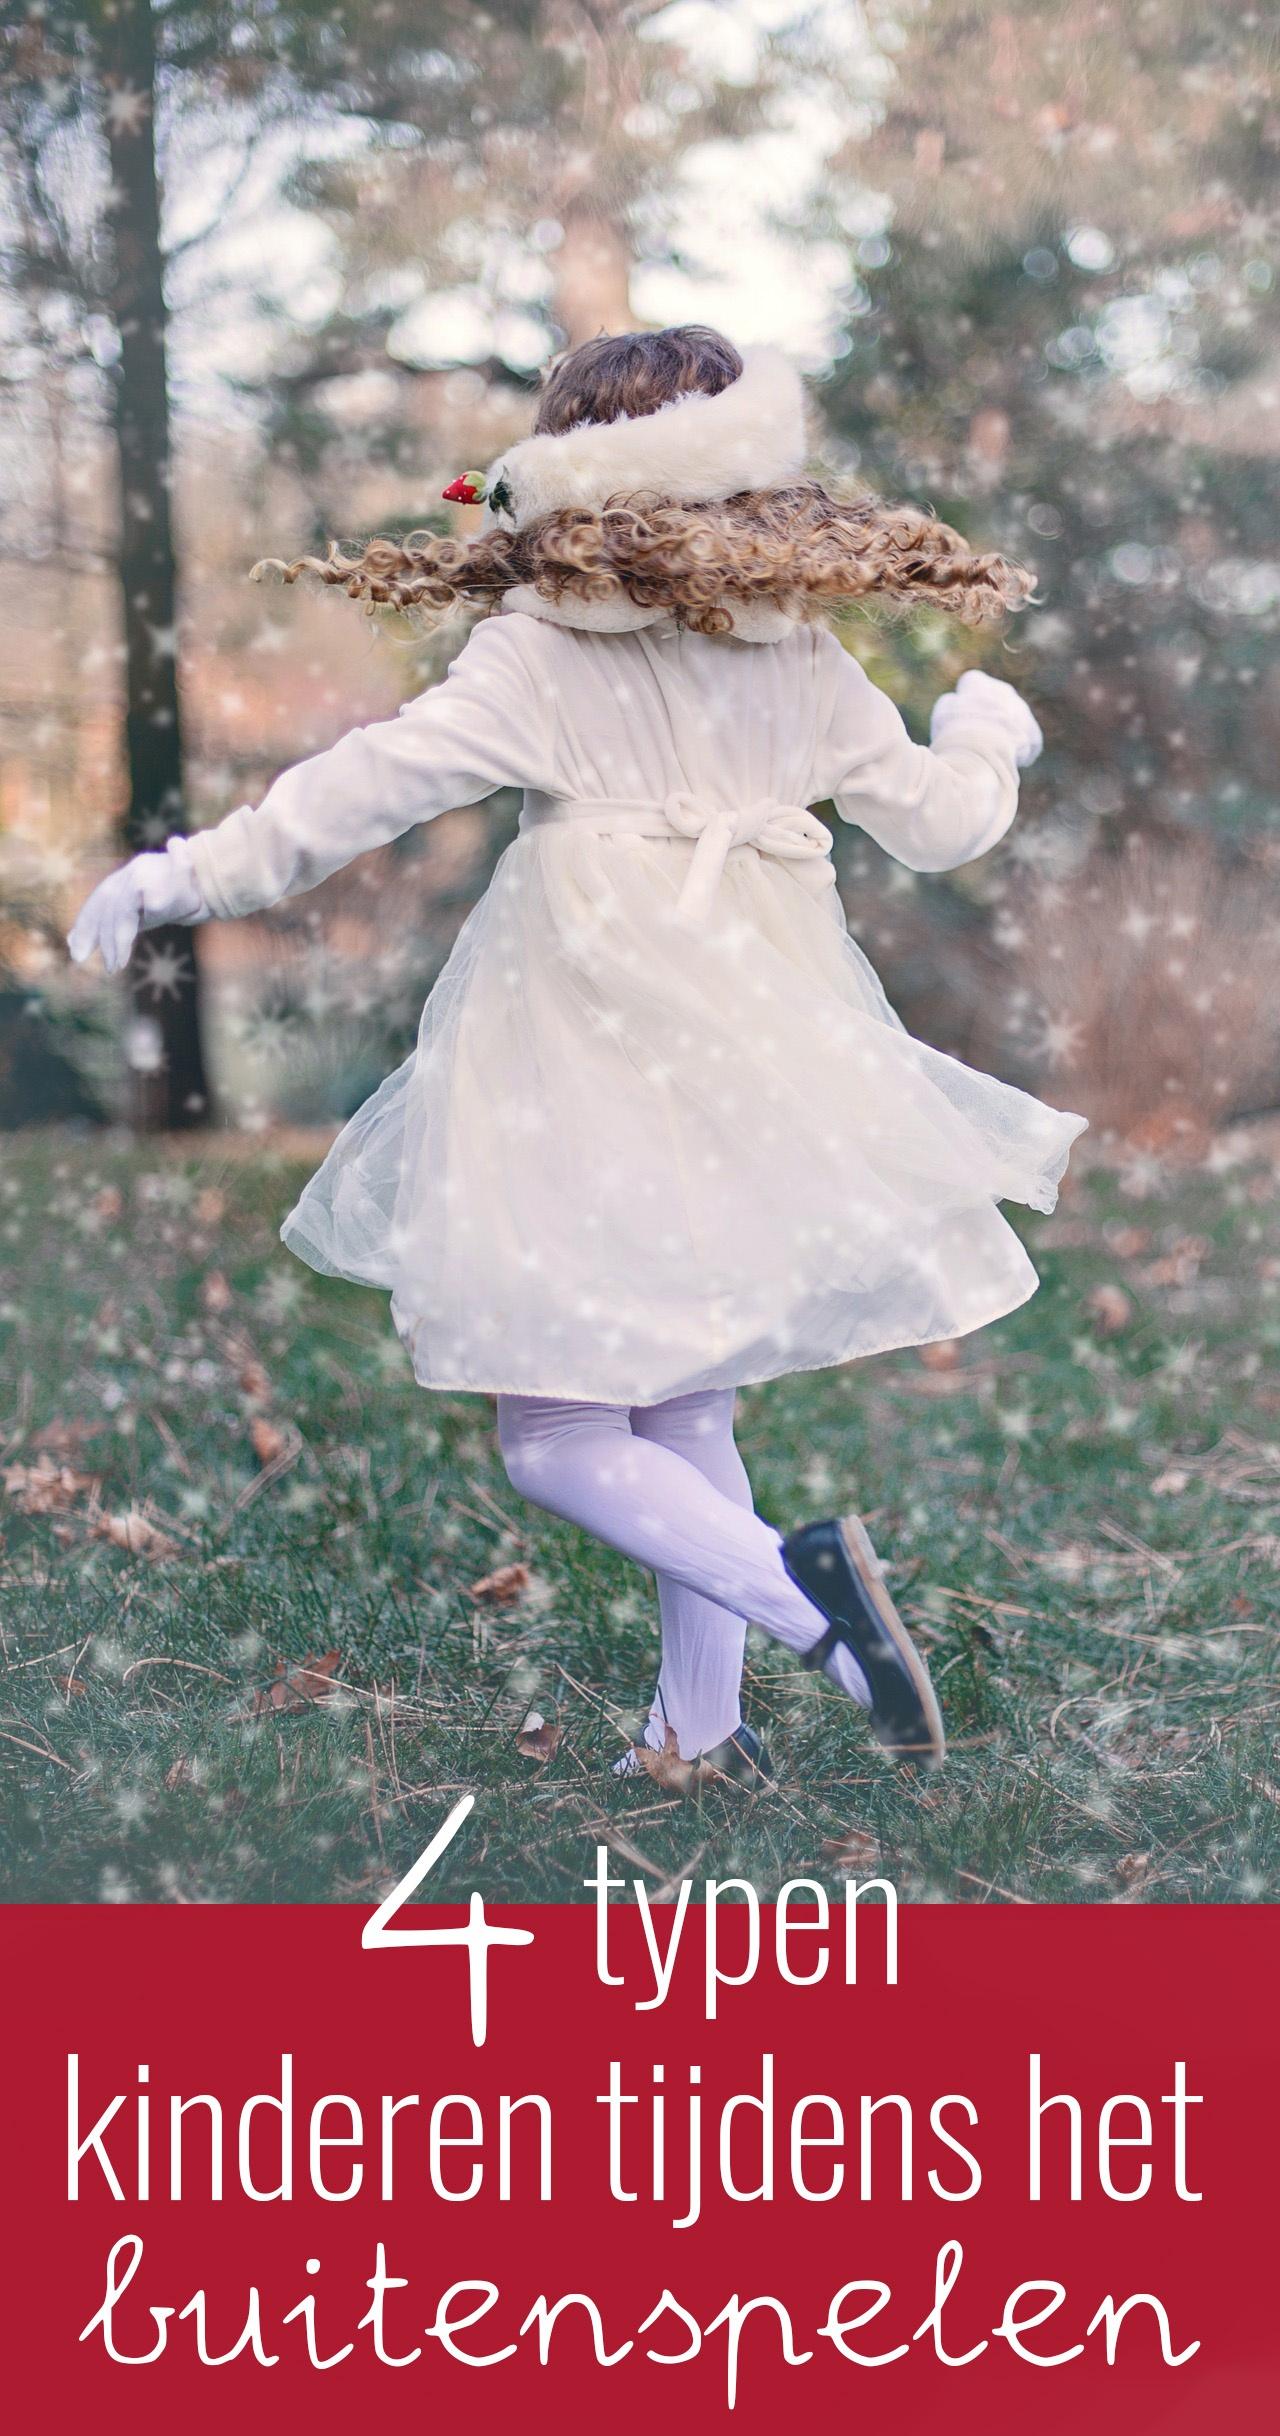 In dit artikel geef ik meer informatie over het verschil in buitenspel tussen sekse en benoem ik de verschillende typen kinderen tijdens het buitenspelen.